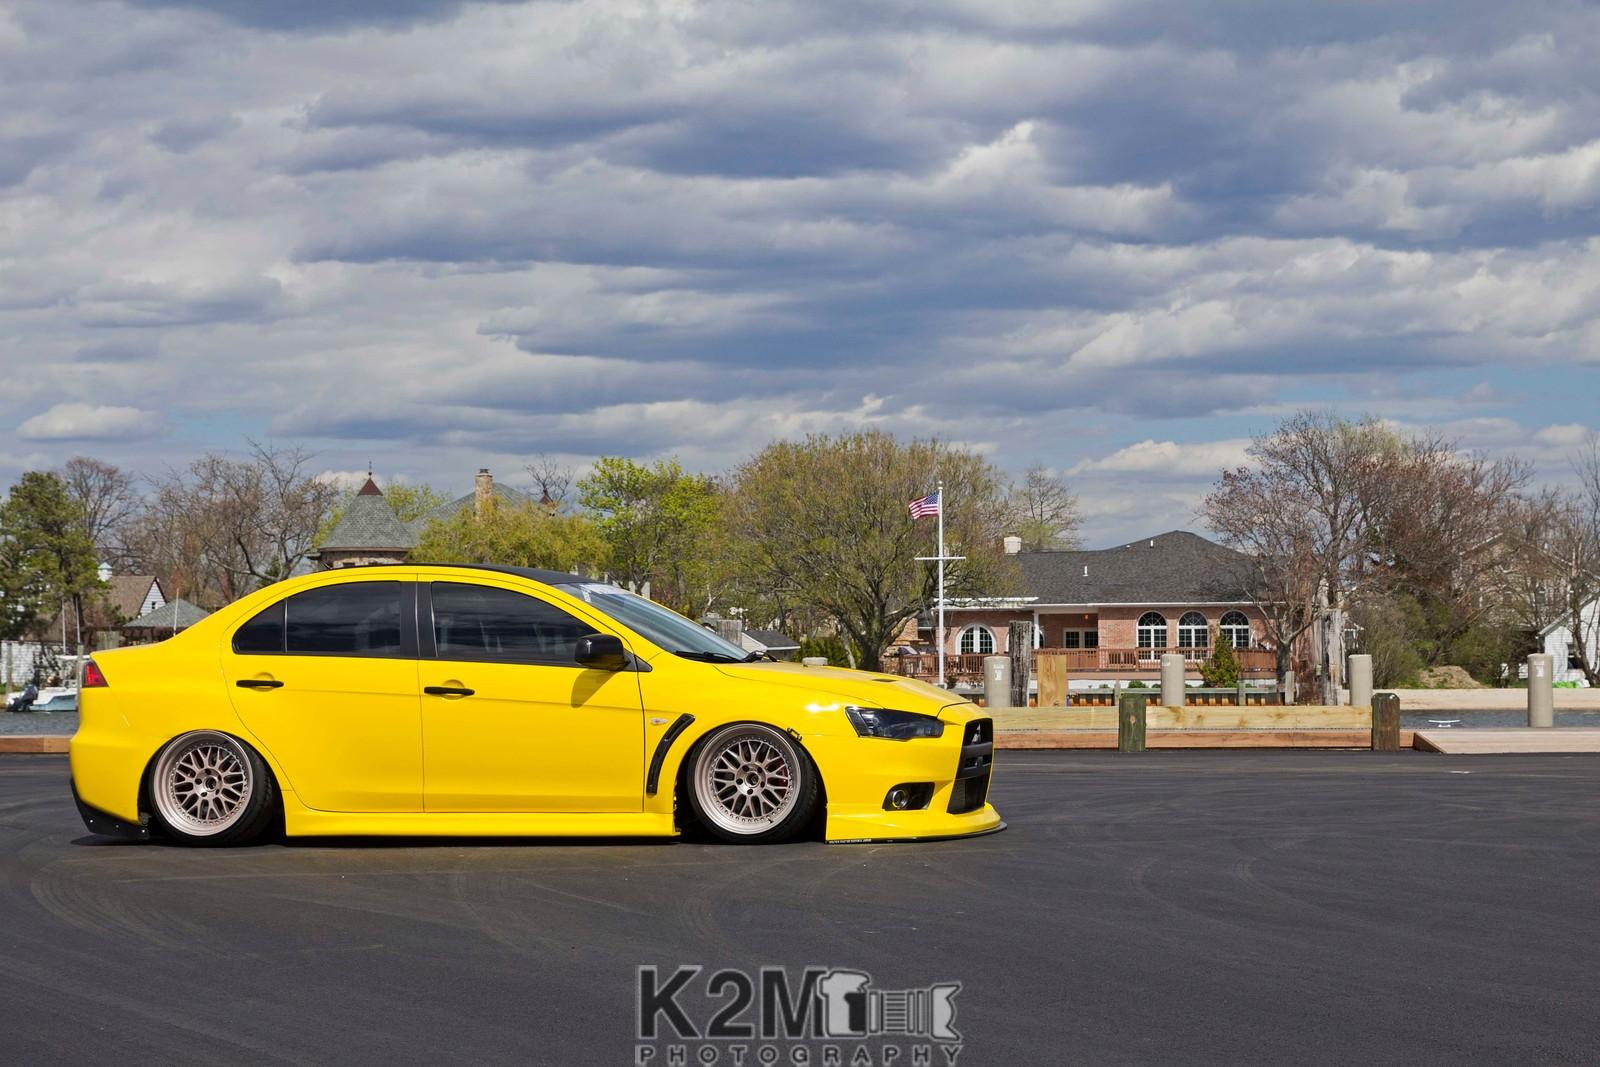 yellow cars mitsubishi mitsubishi lancer evo x vehicle car